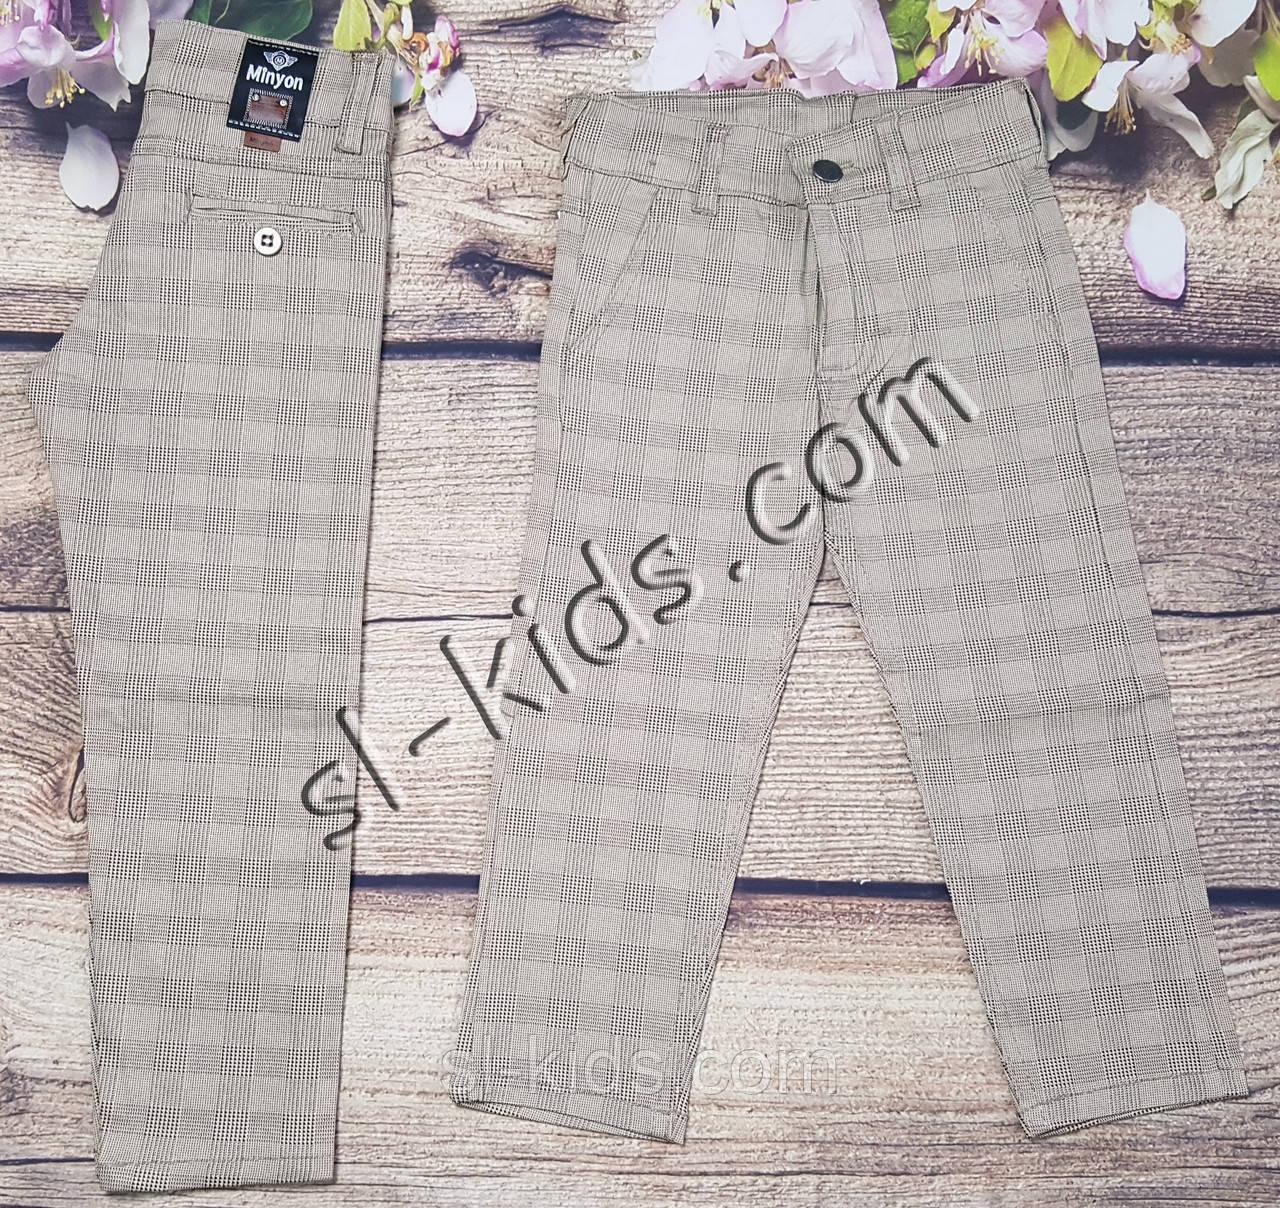 Яркие штаны,джинсы в клетку для мальчика 8-12 лет(бежевые) опт пр.Турция